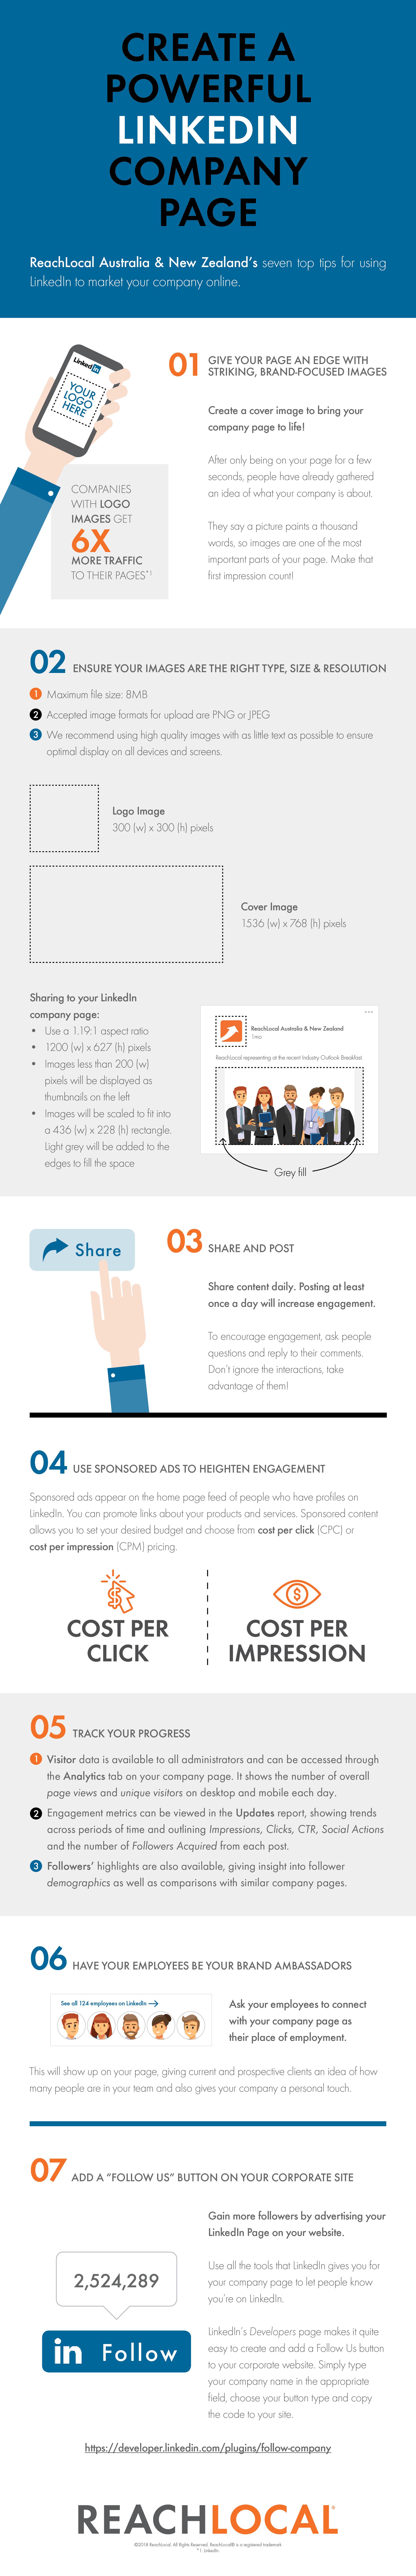 Create a Powerful LinkedIn Company Page